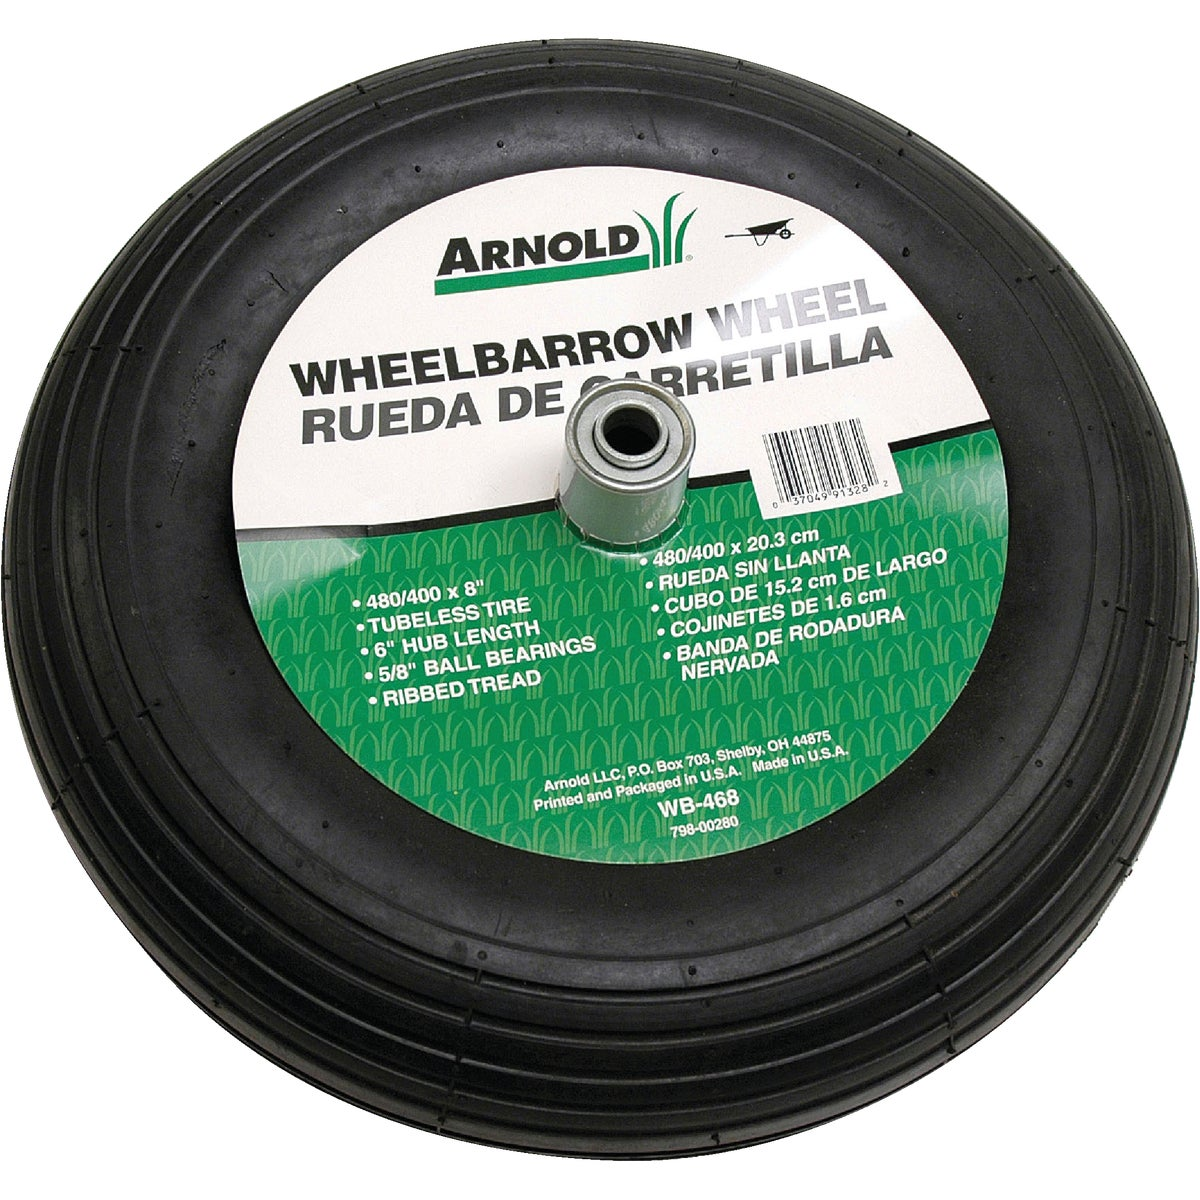 Arnold Corp. 4.00X8 WHEELBARROW WHEEL WB-468